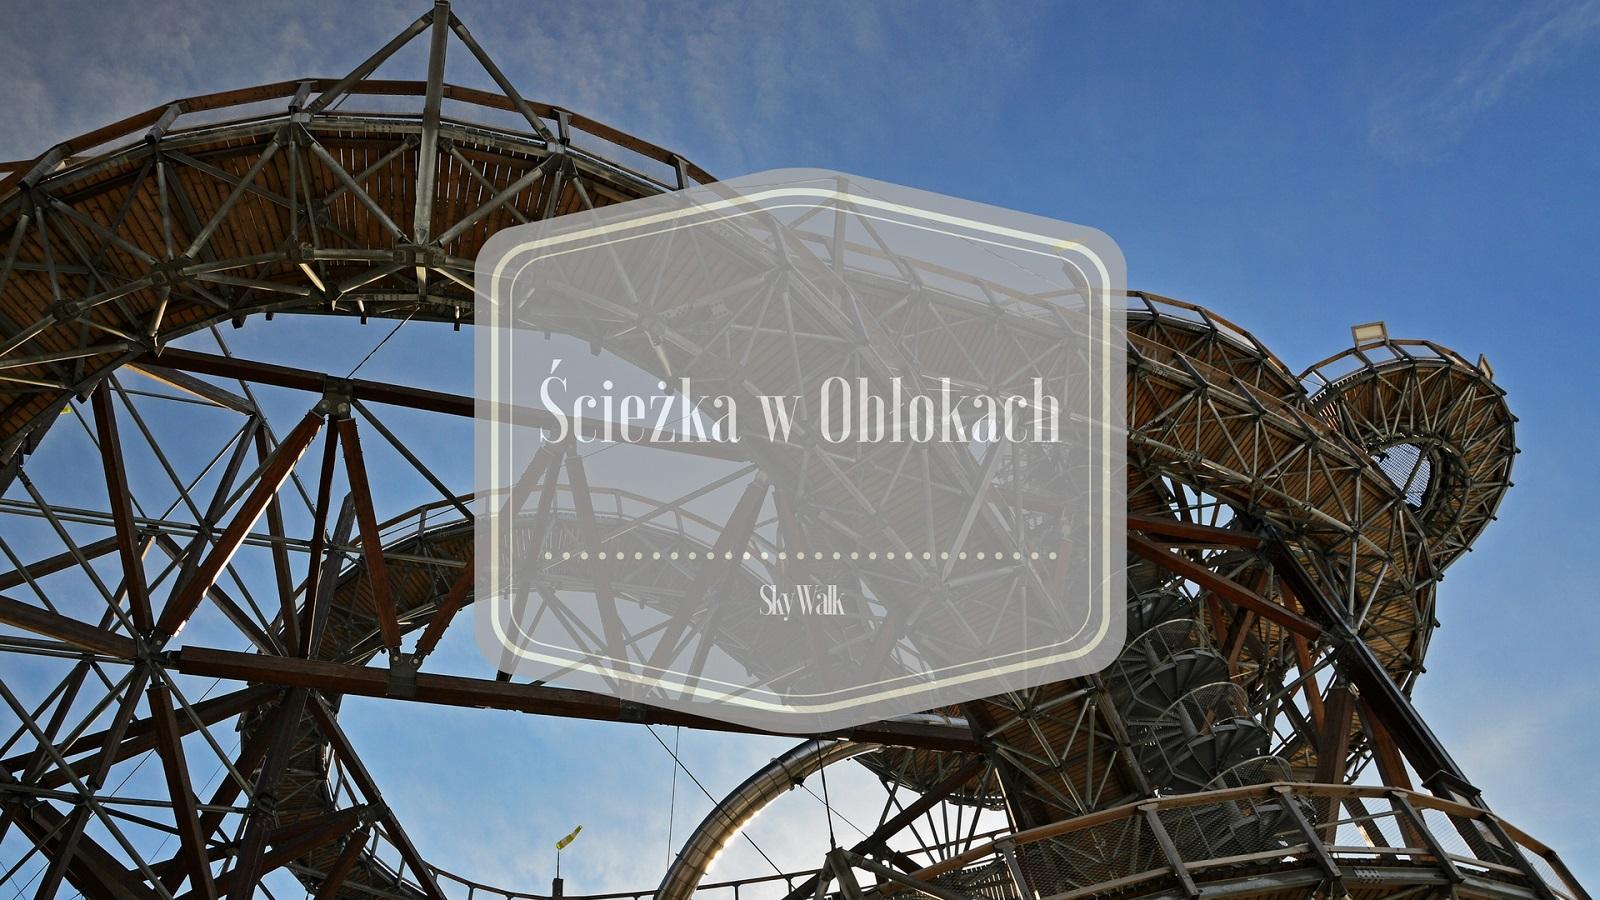 Ścieżka w obłokach - Sky Walk - Czechy - Dolni Morava